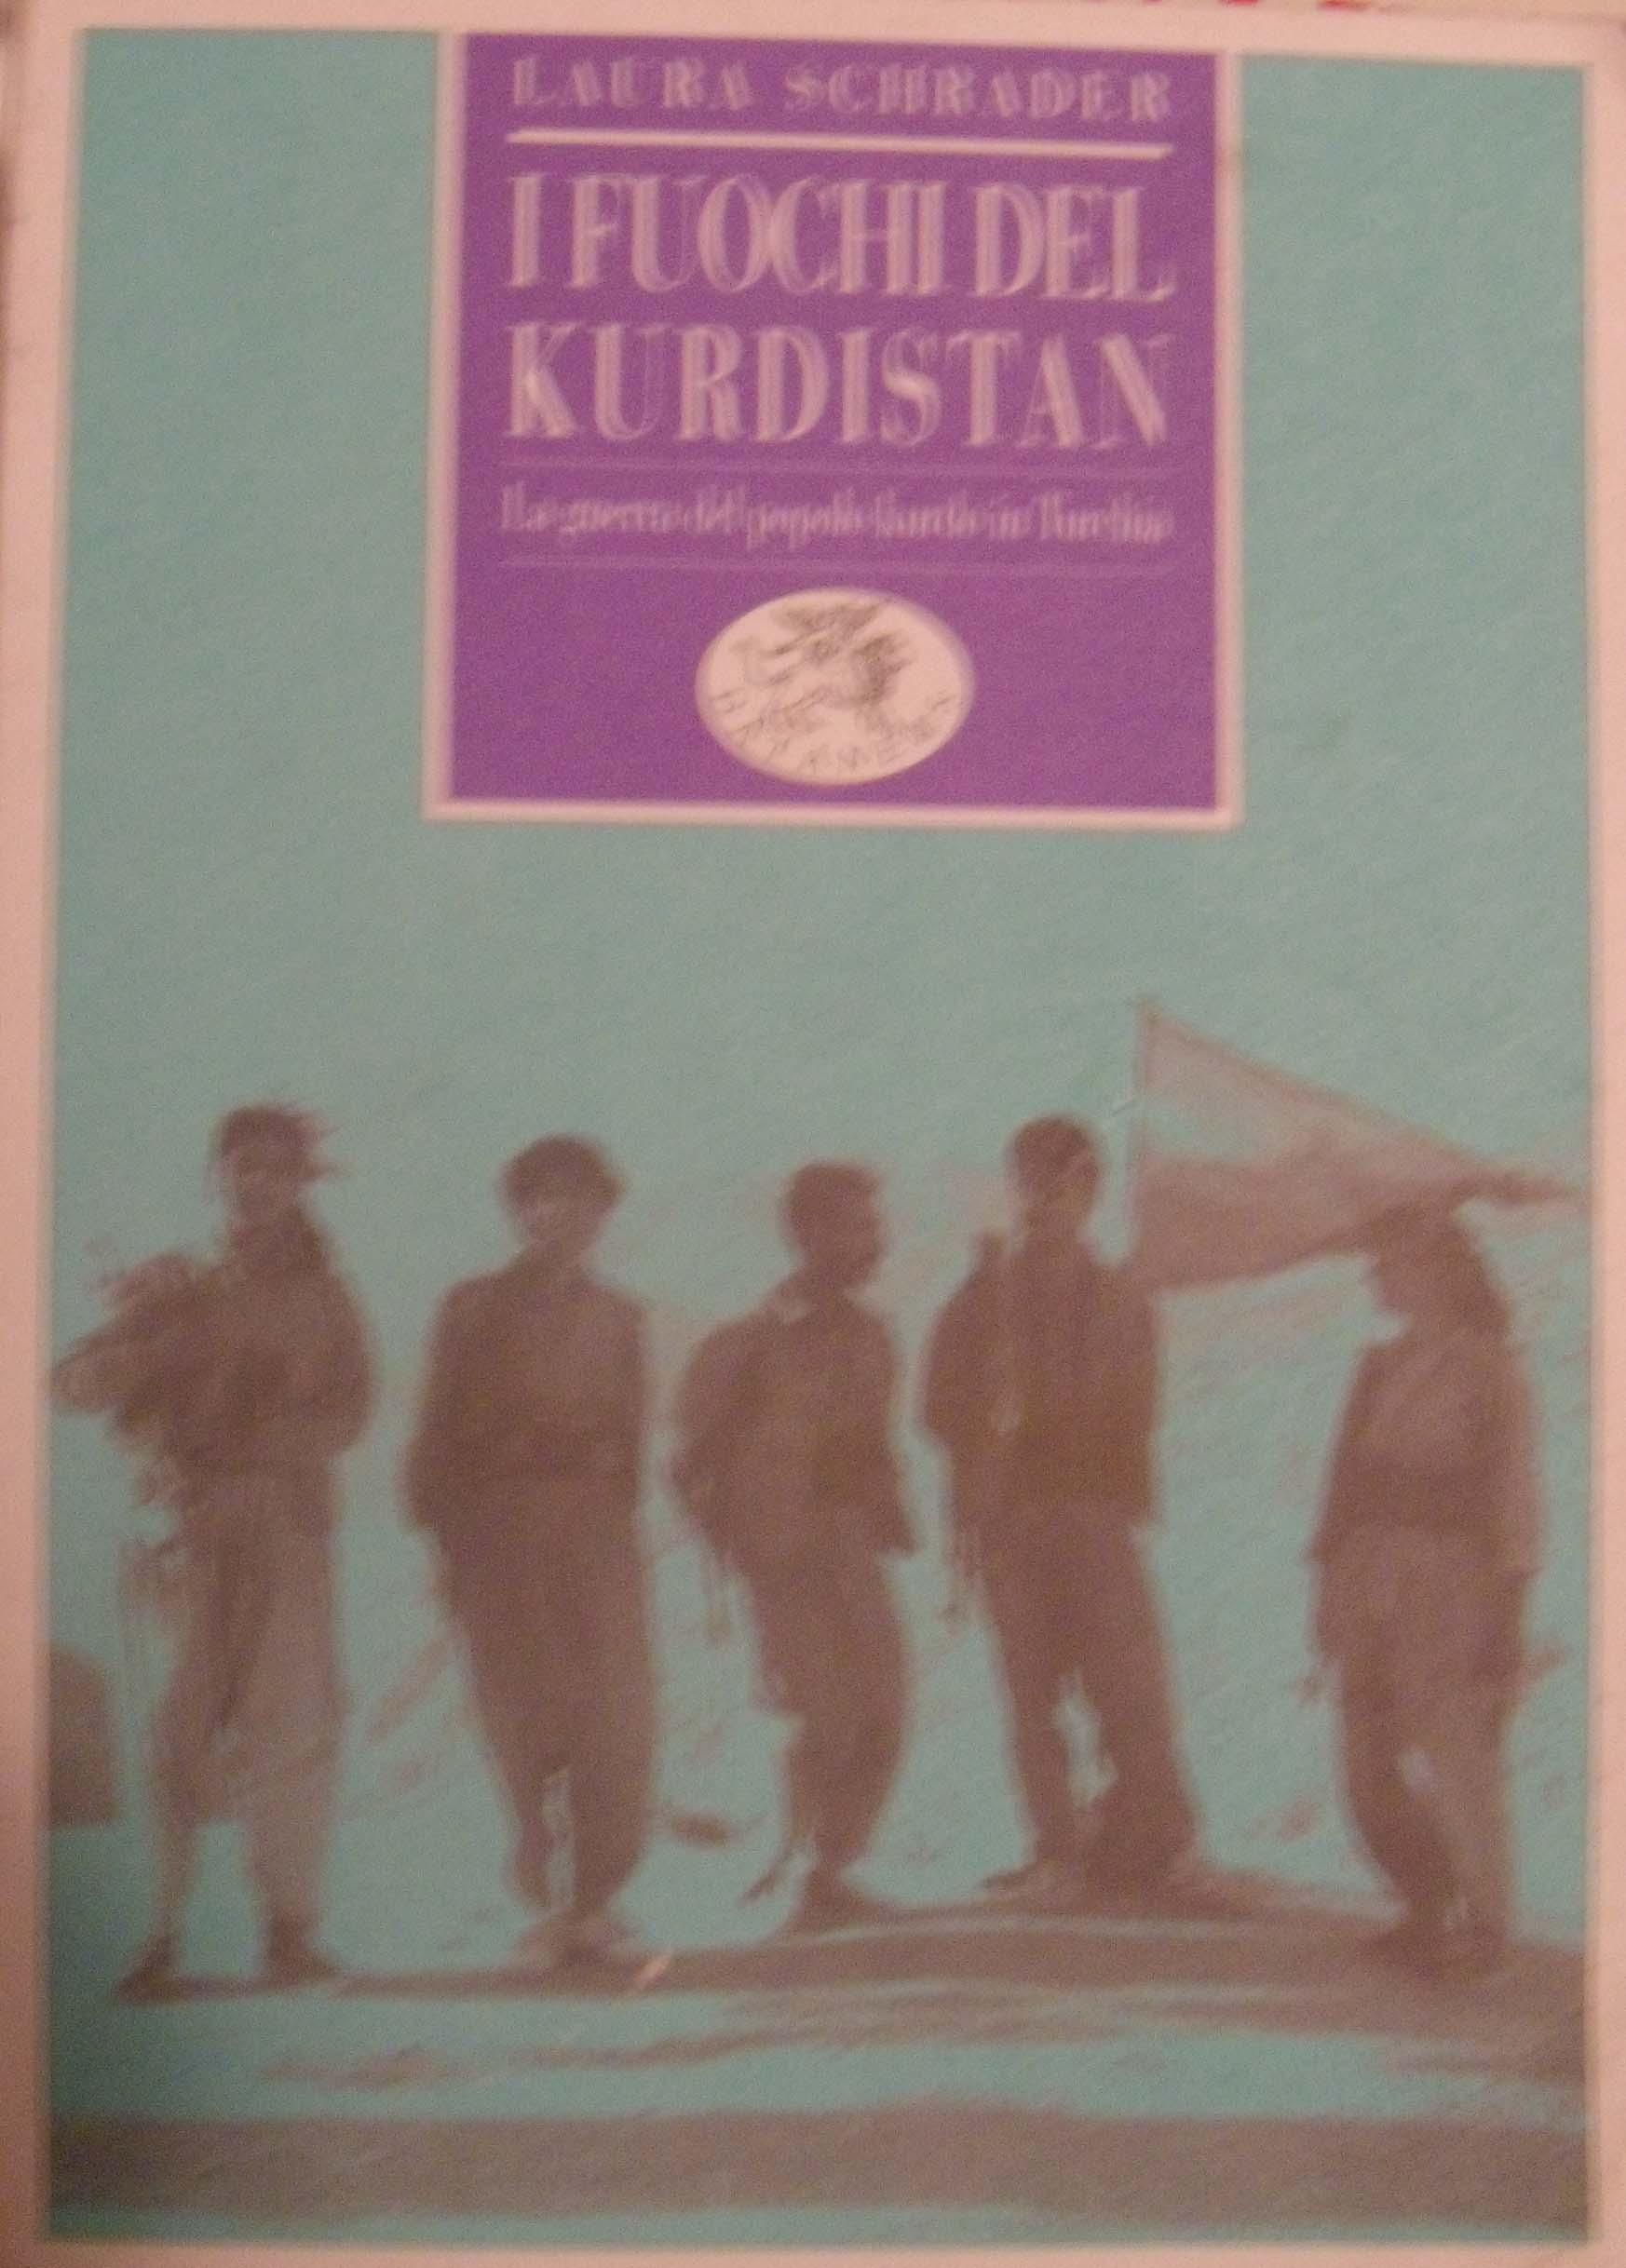 I fuochi del Kurdist...